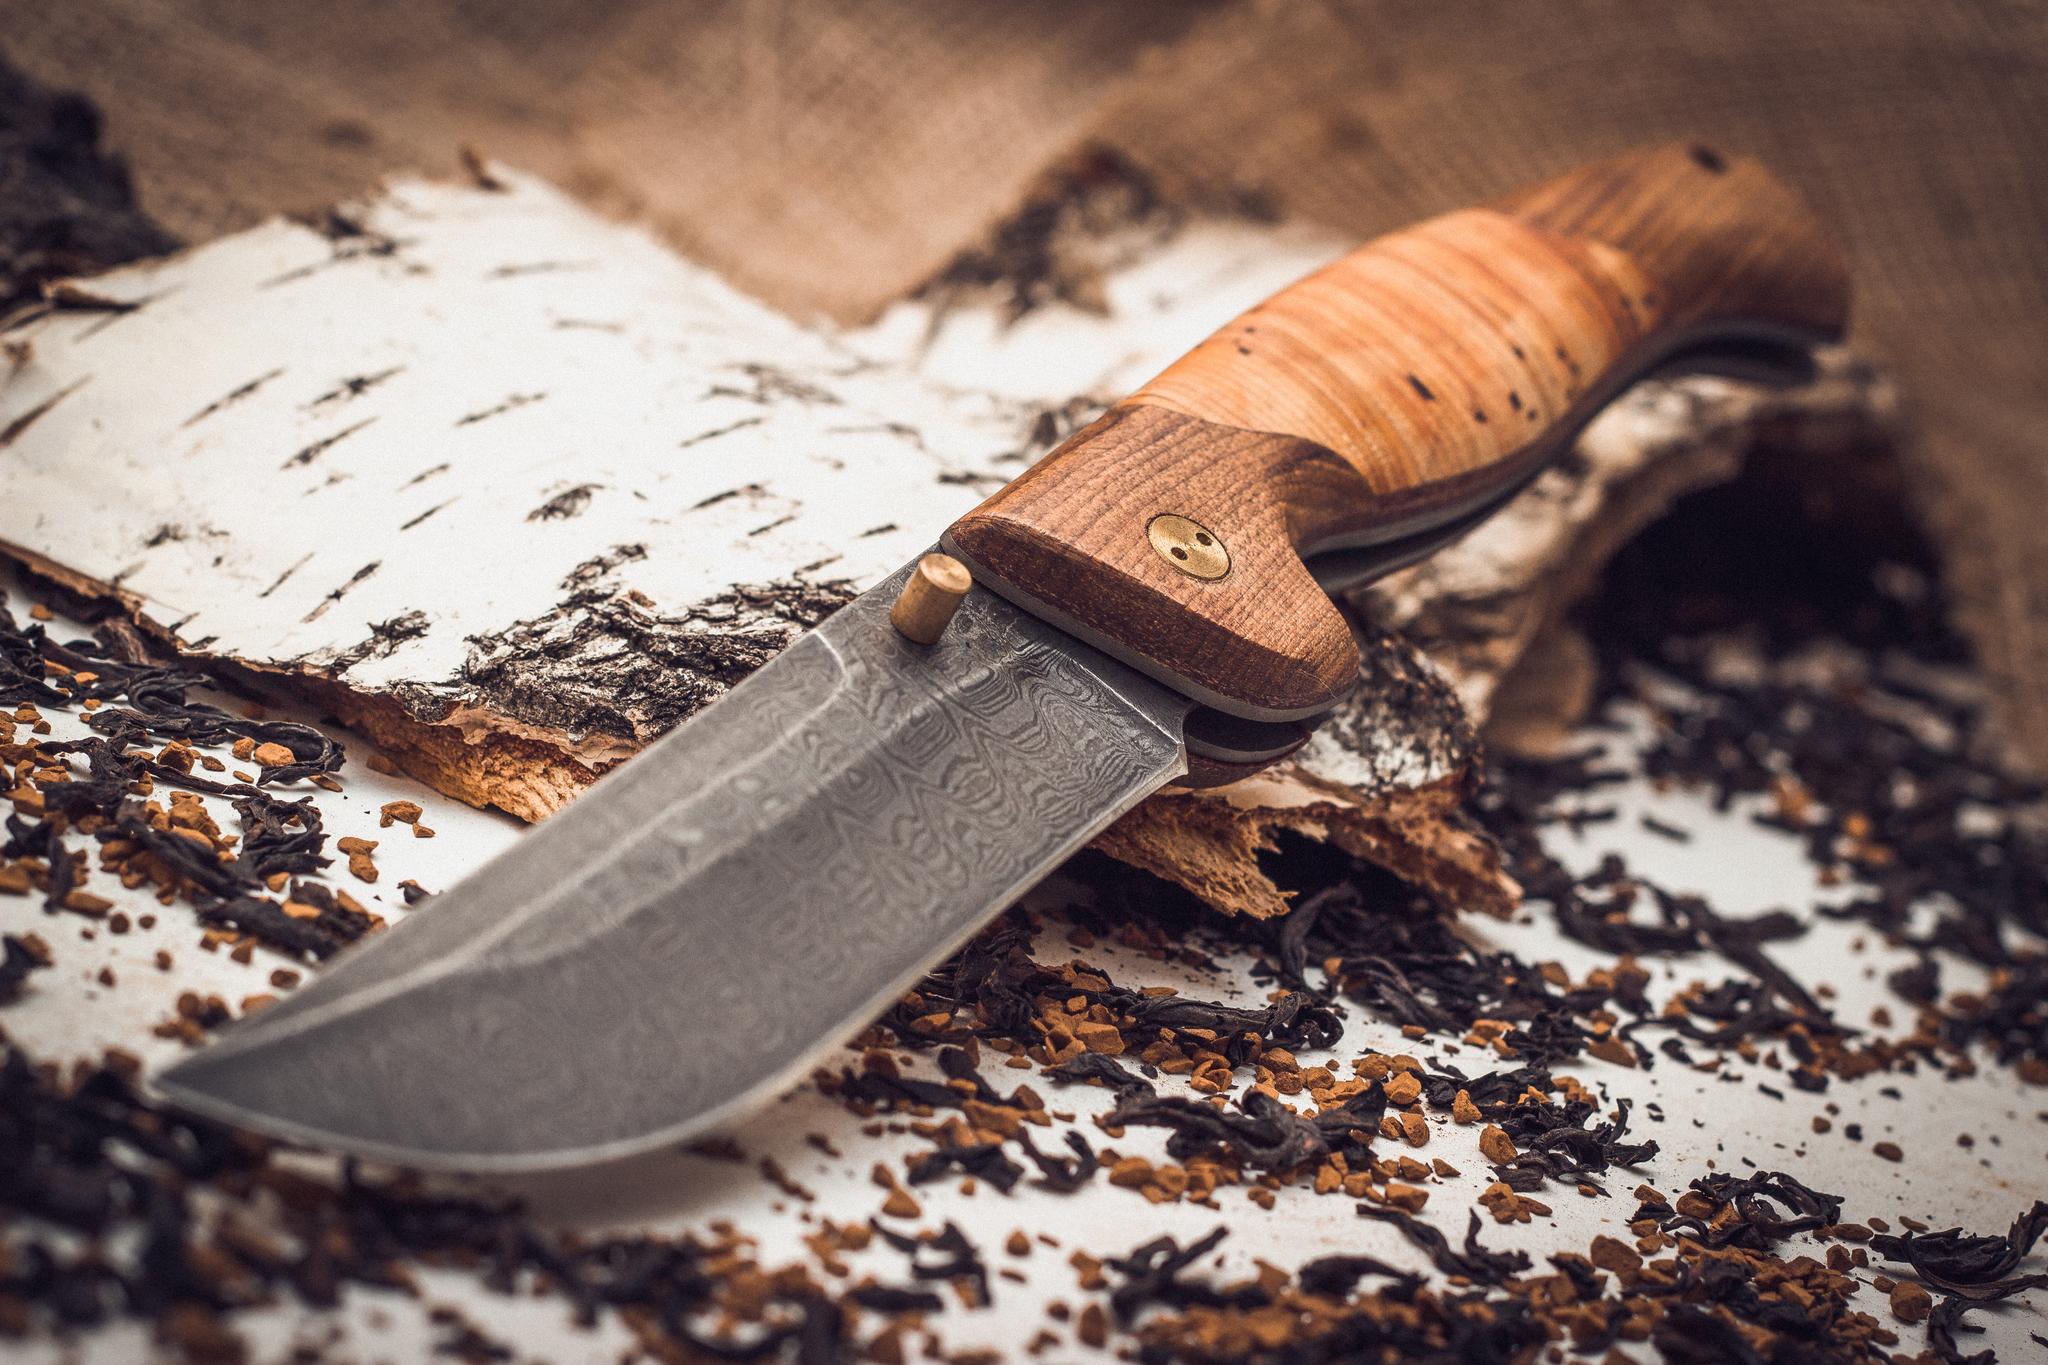 Фото 5 - Складной нож Страж 2, дамаск, береста от Марычев